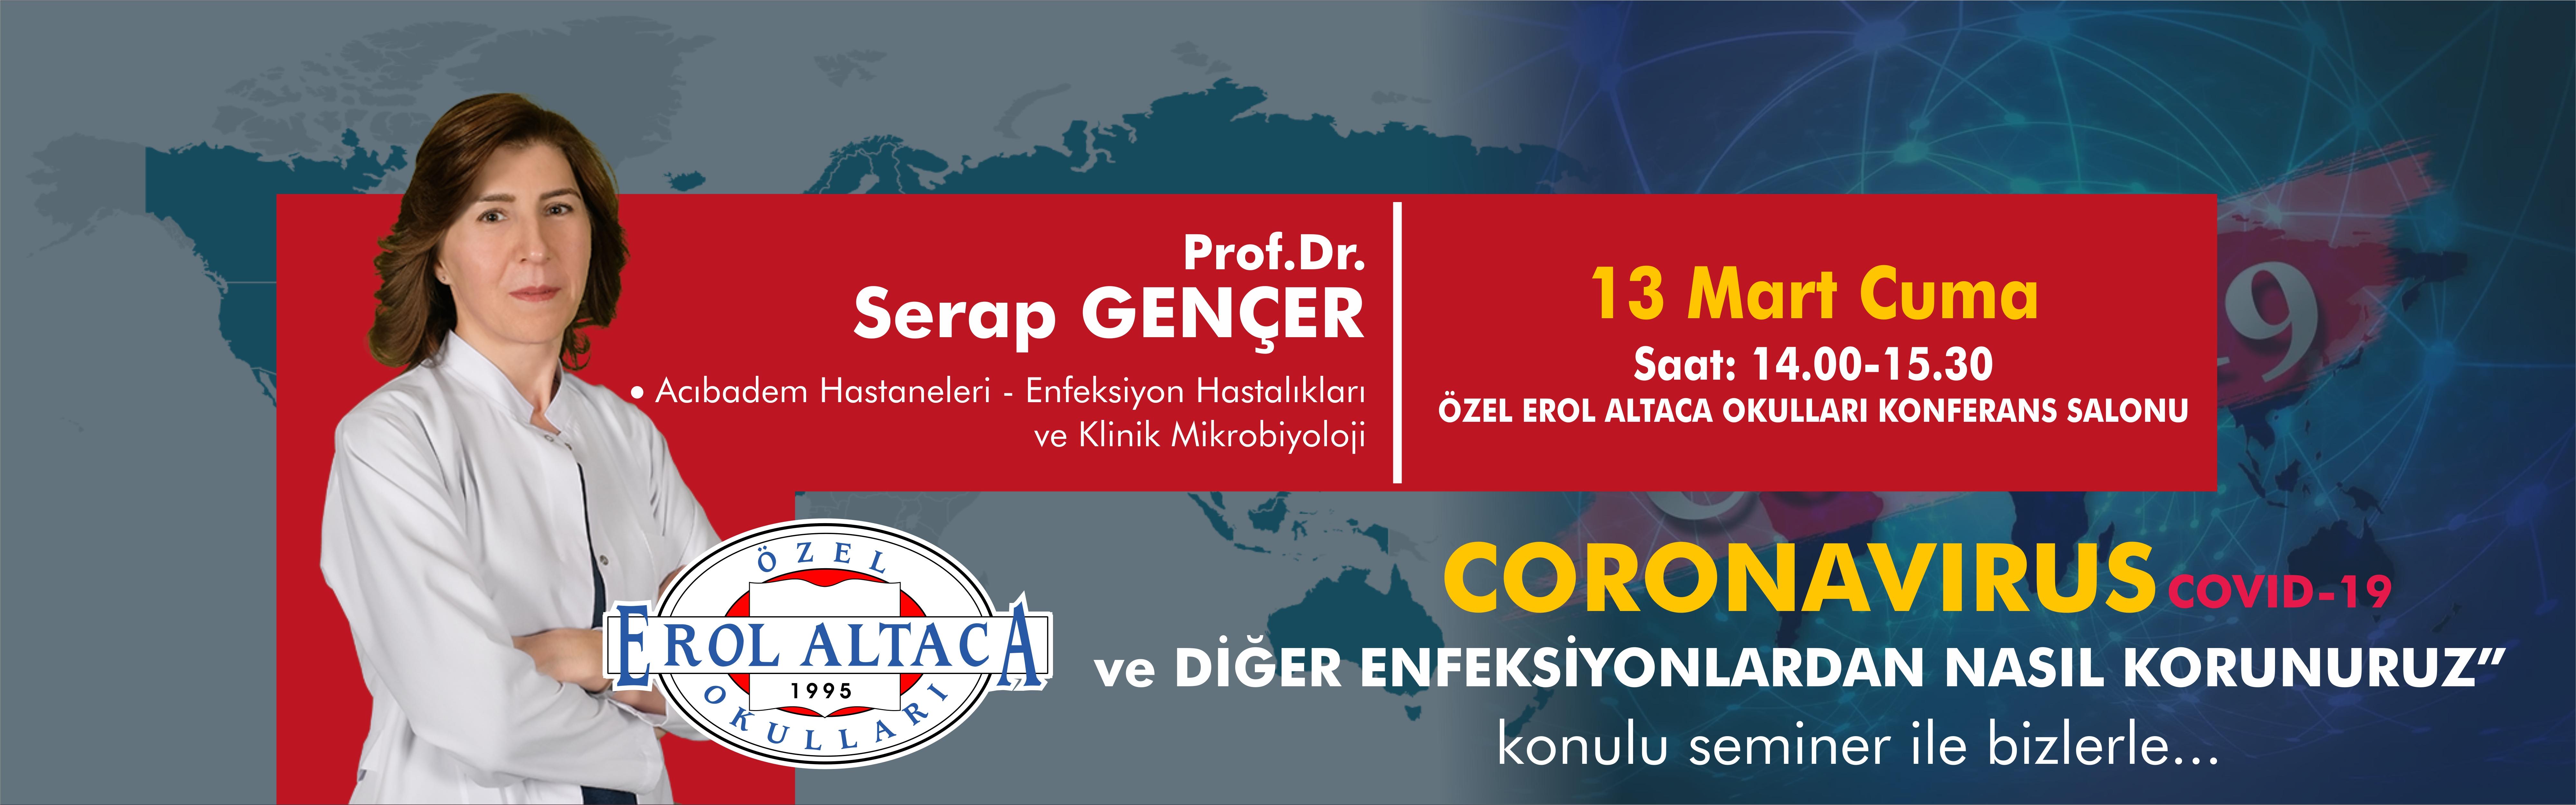 Prof.Dr.Serap GENÇER - Coronavirüs ve Diğer Enfeksiyonlardan Nasıl Korunuruz konulu semineri ile bizlerle...